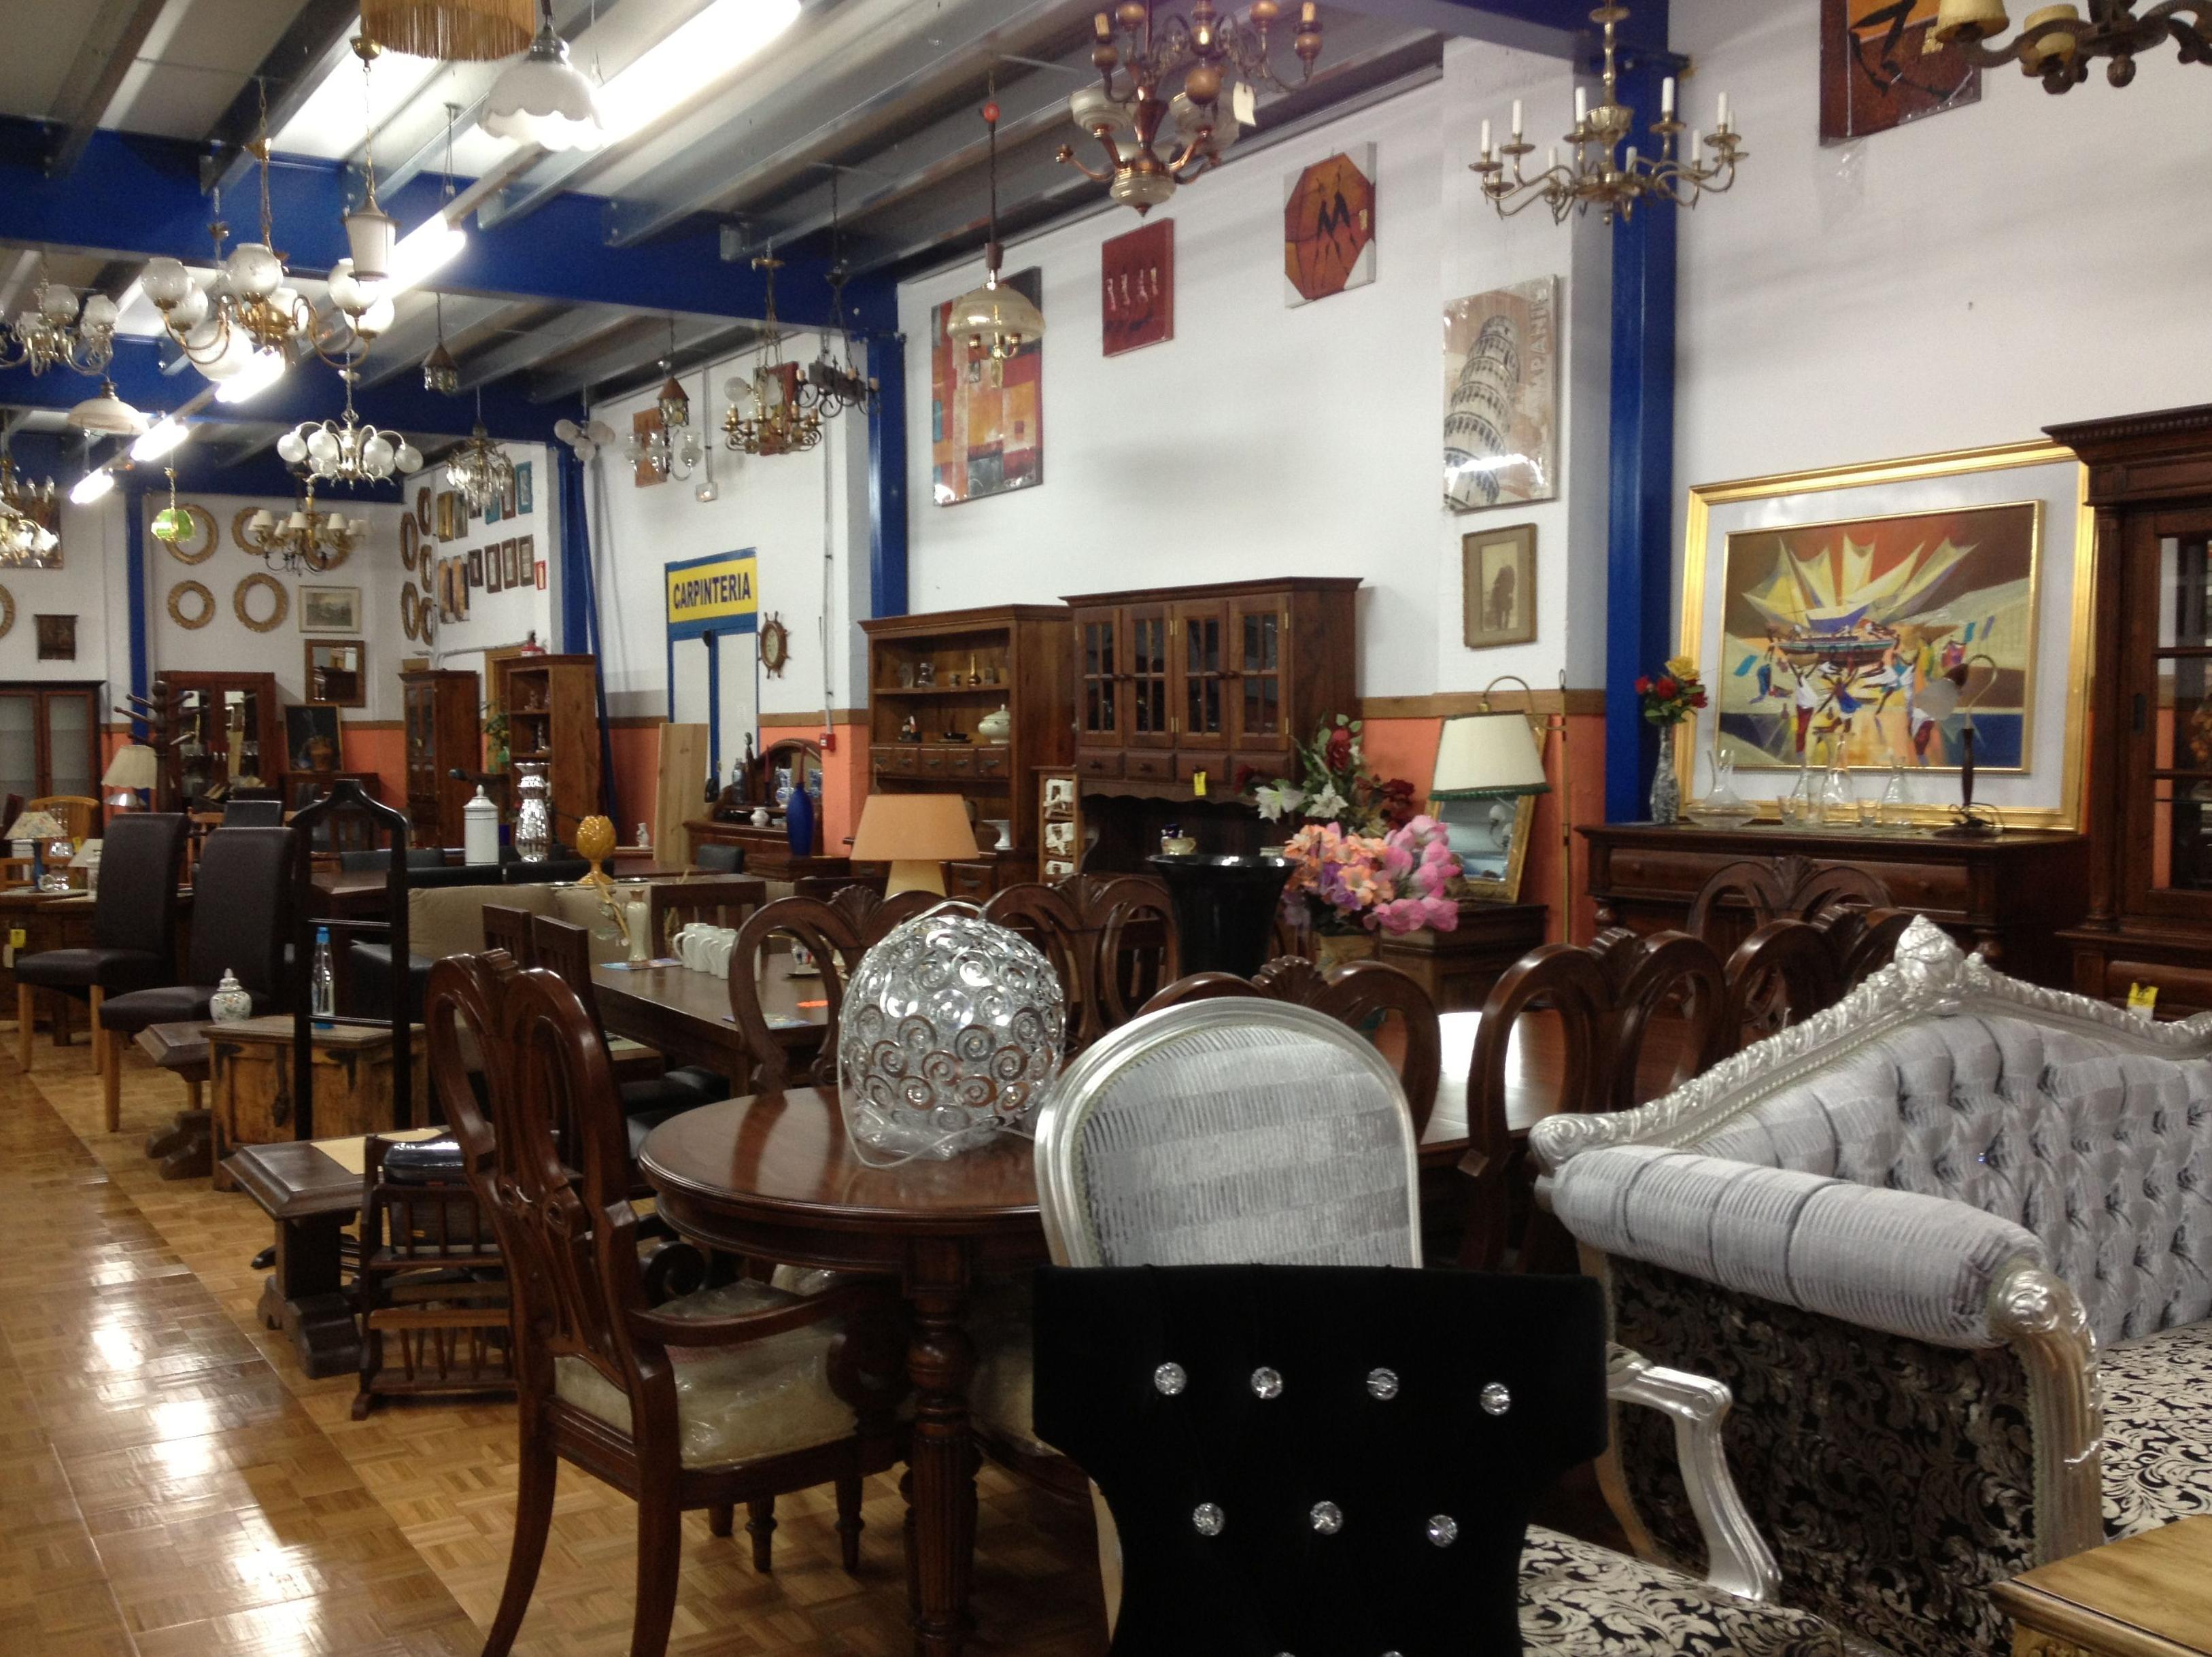 Remar Zaragoza Recogida De Muebles Idea Creativa Della Casa E  # Muebles Rastro Reto